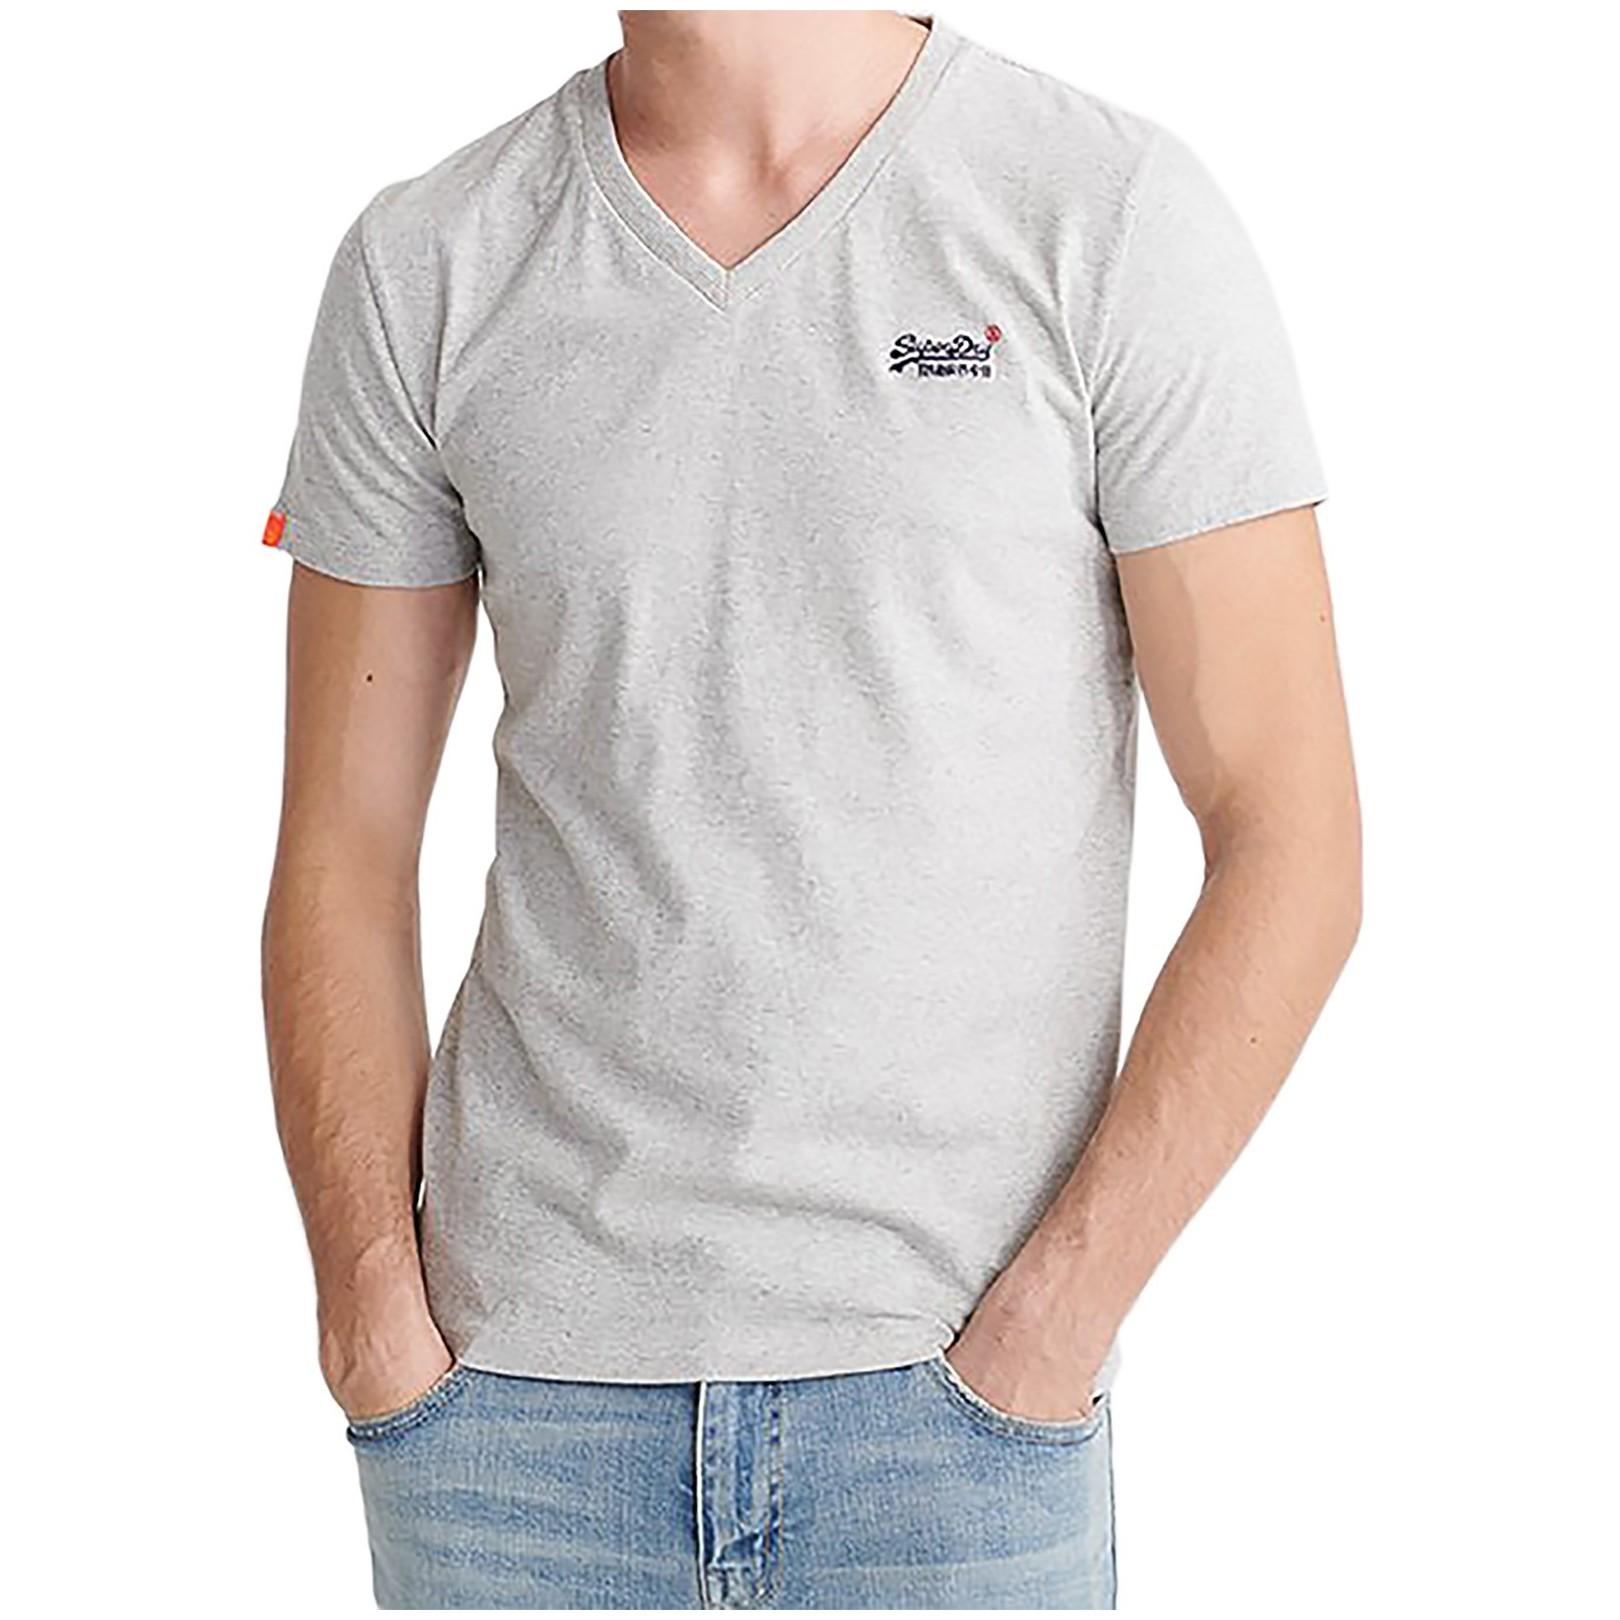 Tee Shirt SuperDry Ol Vntge Emb Vee